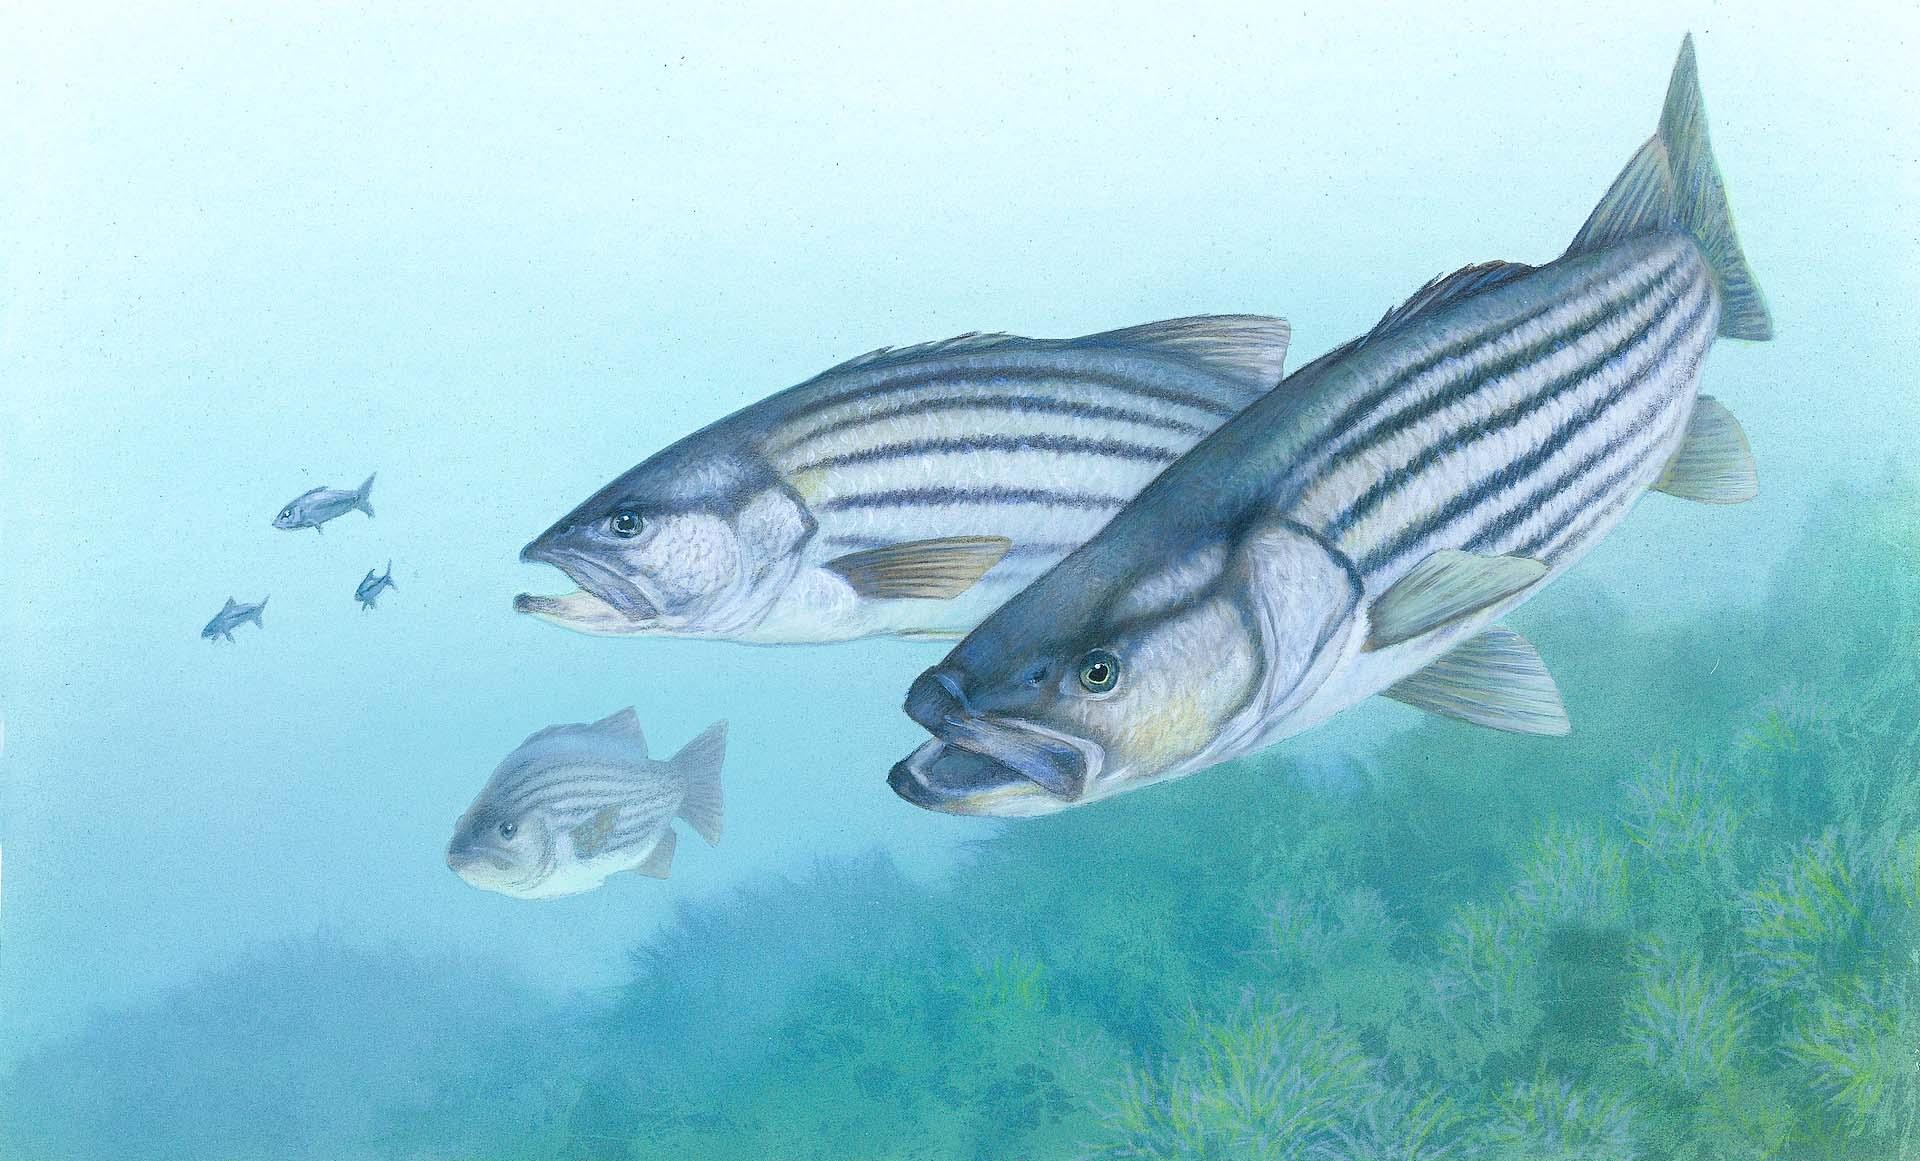 据珠海检验检疫局统计,2017年,珠海水产加工制品出口量达9992吨,货值突破2亿美元,分别较去年增长了69.97%和83.5%。其中,冻海鲈鱼片属新增出口品种,货值却达1.2亿美元,实现井喷式增长。  水产养殖业是珠海的特色支柱产业,其中海鲈鱼养殖面积2.4万亩,产量占到全国的75%。然而,当地海鲈鱼产业以初级产品为主,产品附加值低,目前面临市场饱和、供大于求的困境。为服务地方产业转型升级,珠海检验检疫局放、管、服并举,多种举措力促出口海鲈鱼深加工产品海外市场的开拓。 发挥技术优势,帮扶企业质量提升。